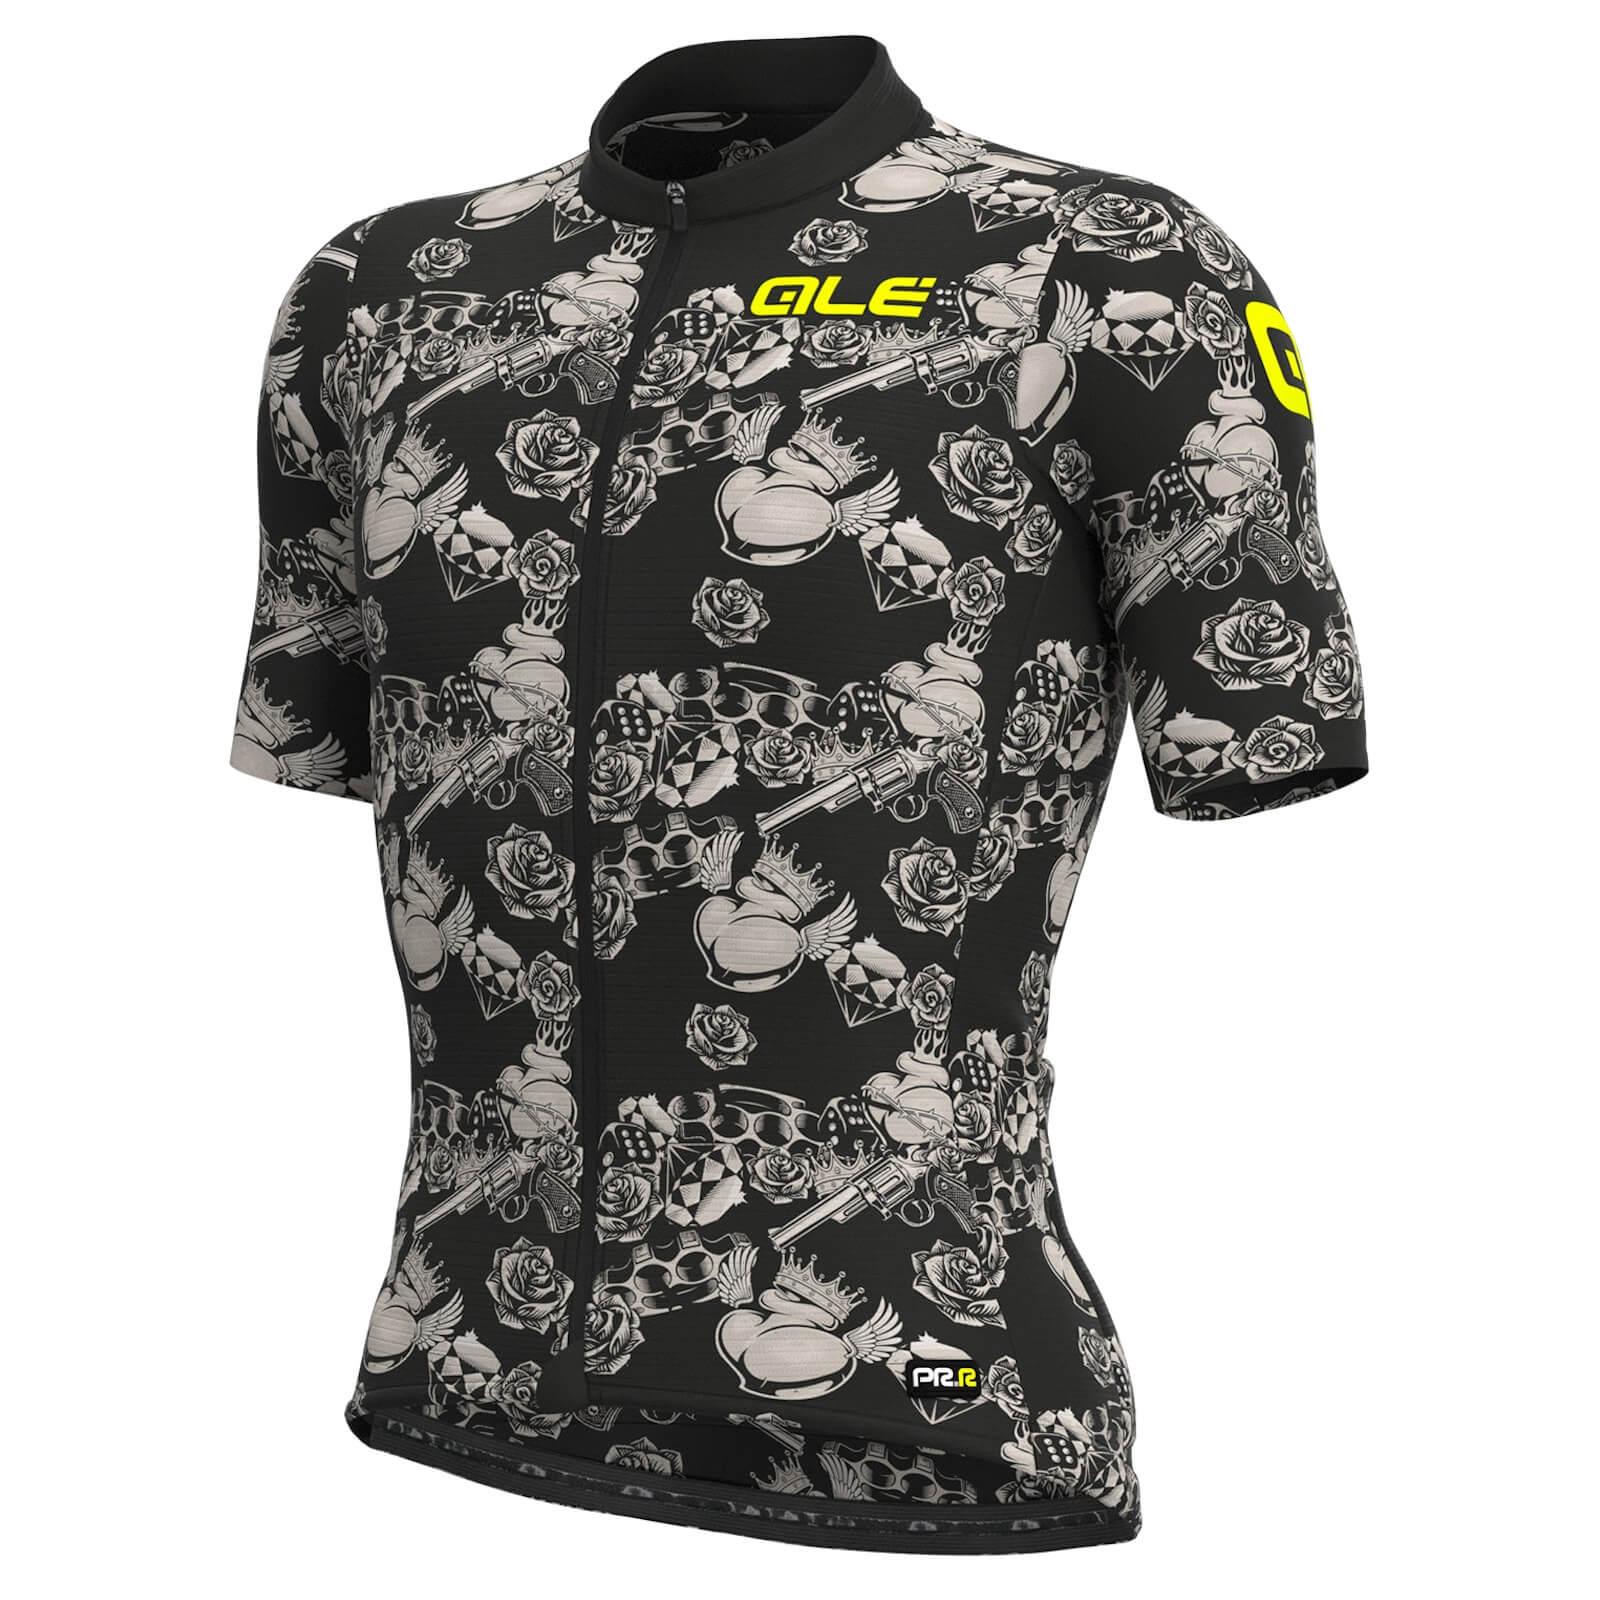 Al R-ev1 Race Jersey - Xl - Black